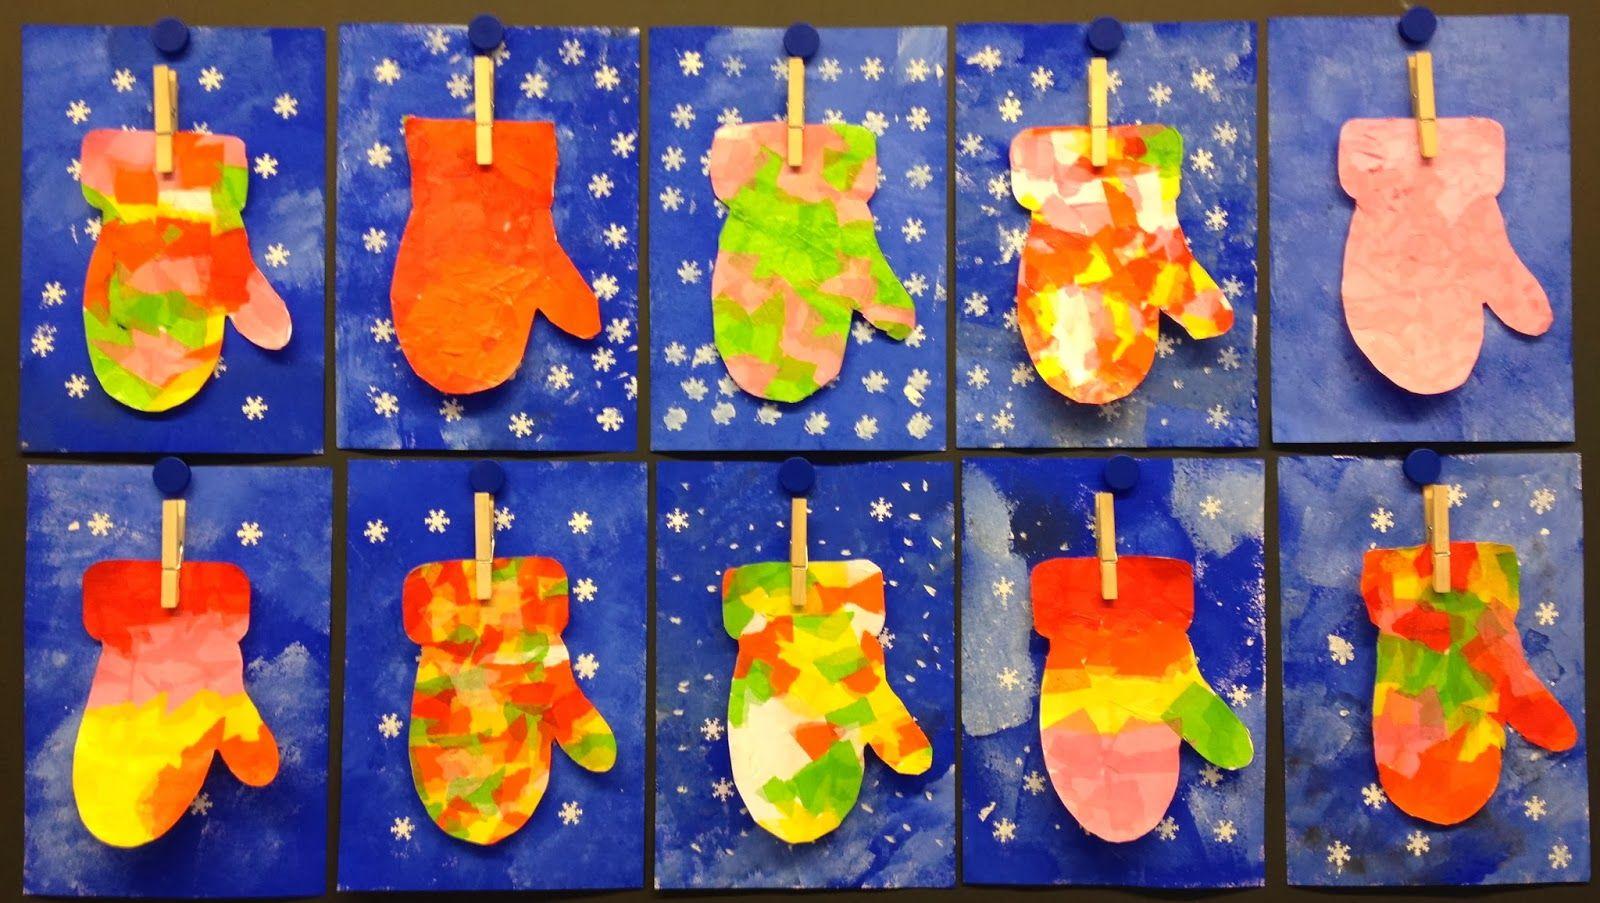 Warme Handschuhe Im Winter In Den Letzten Tagen War Es So